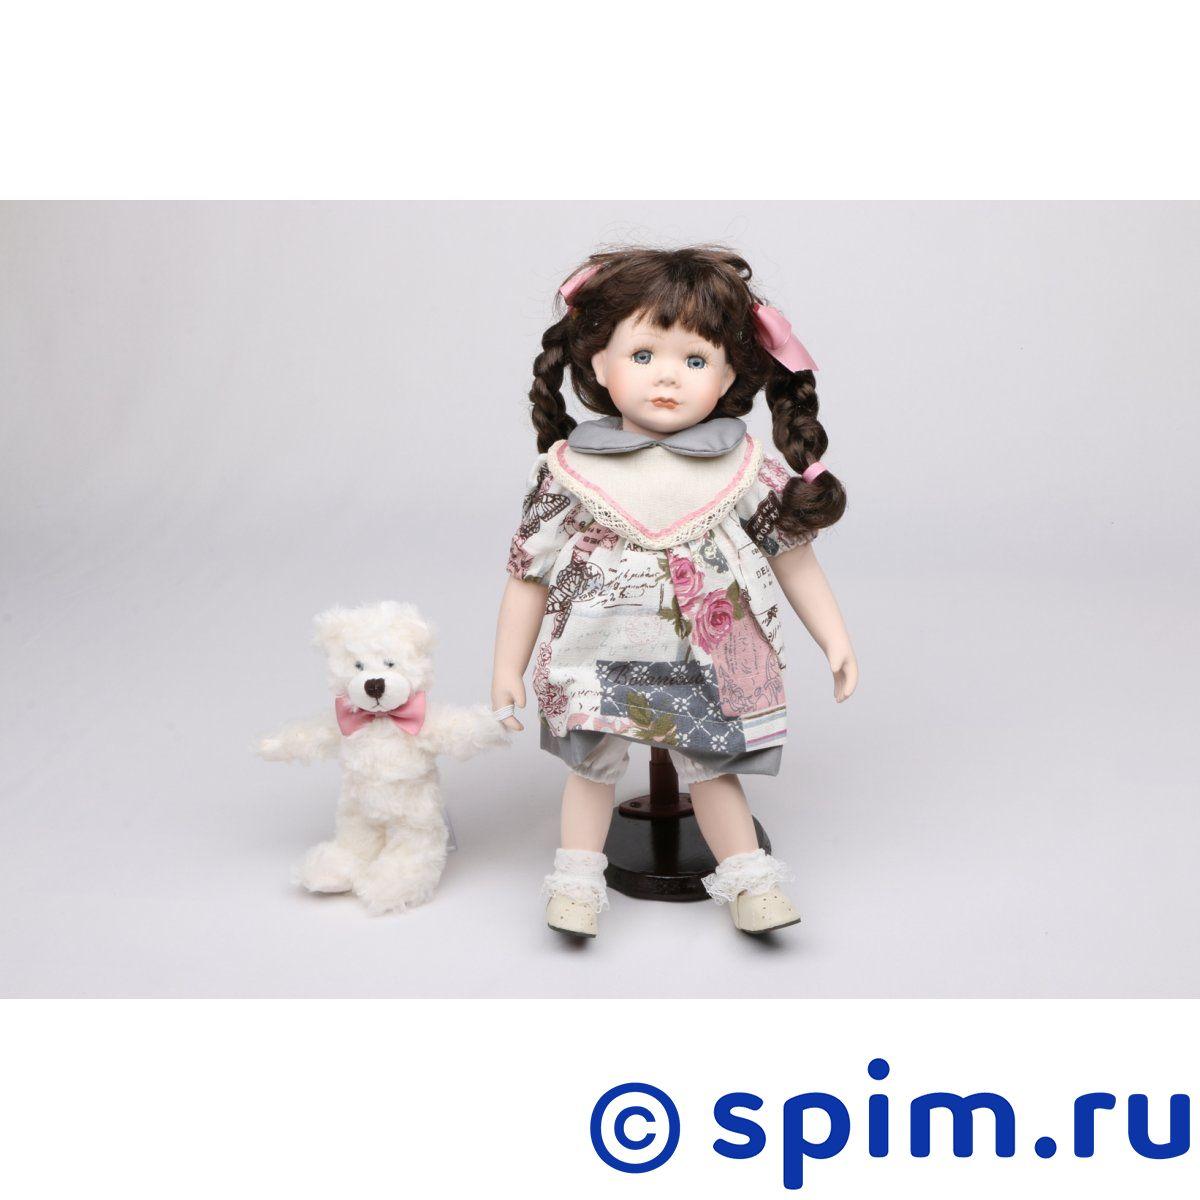 Интерьерная кукла Девочка с мишкой C21-148611Интерьерные куклы<br>Высота: 35 см. Состав: 60% керамика, 40% полиэстр, платье — текстиль, без механизма.<br>